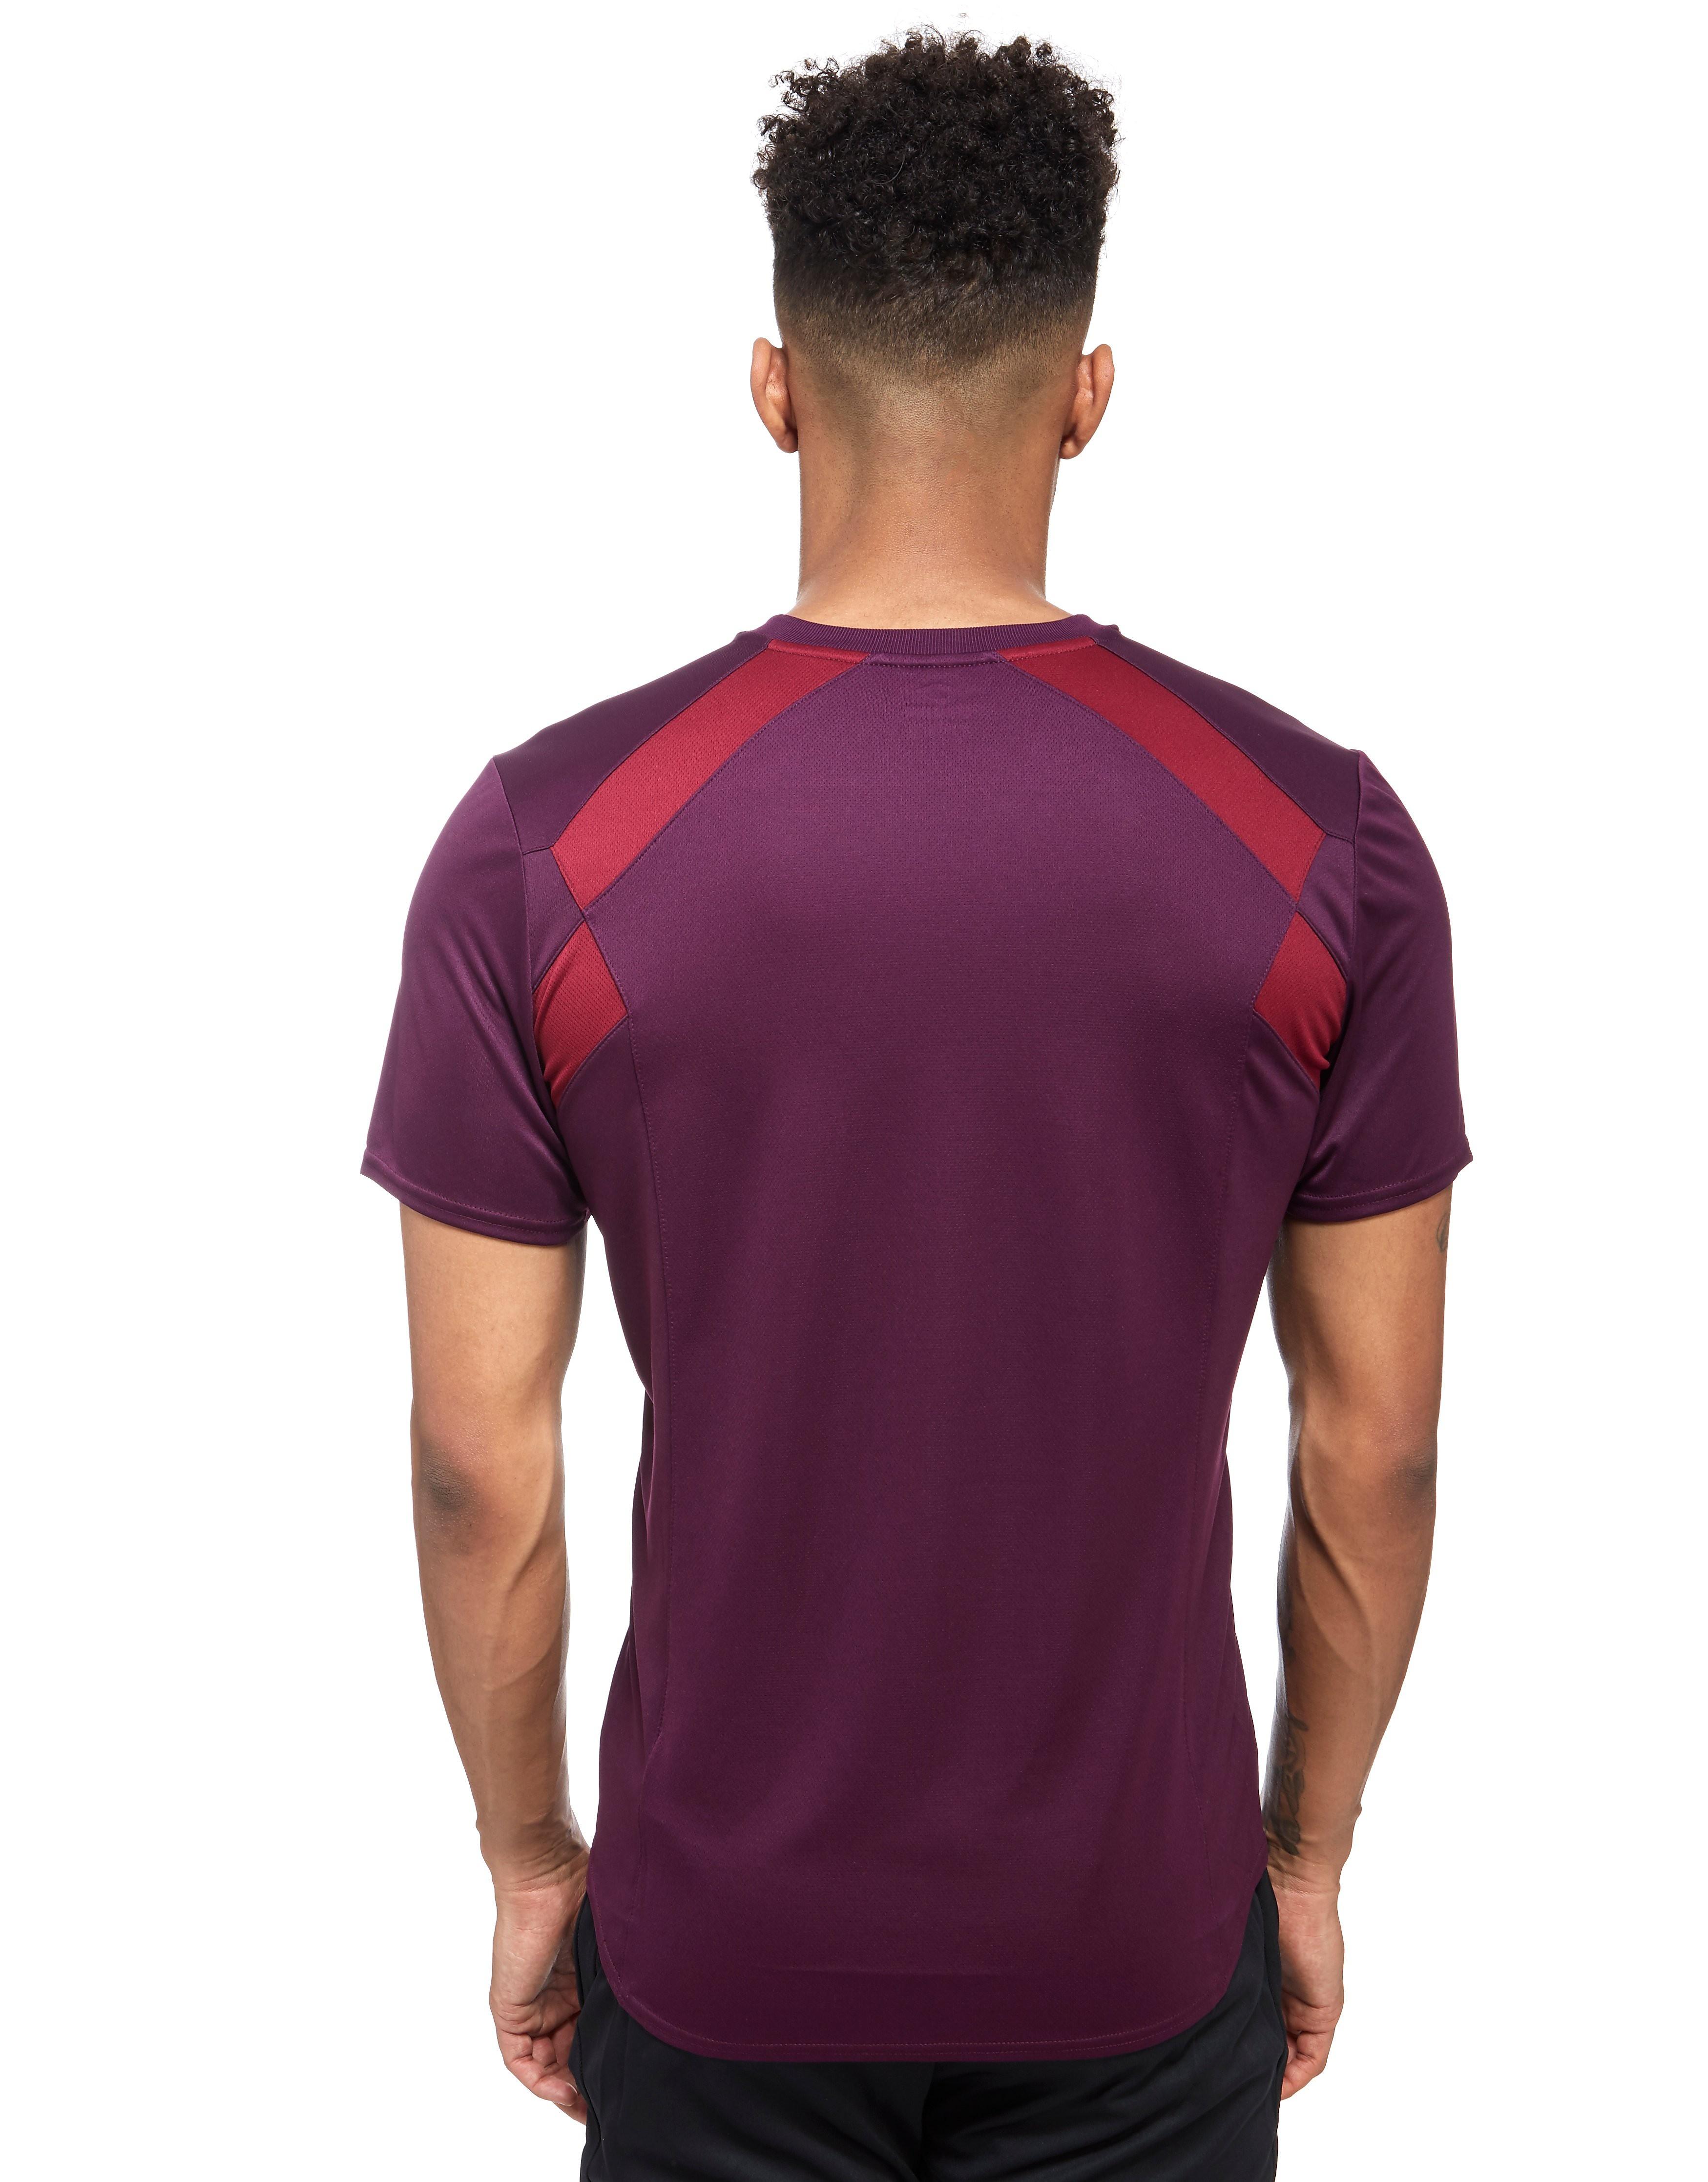 Umbro West Ham United Training Shirt